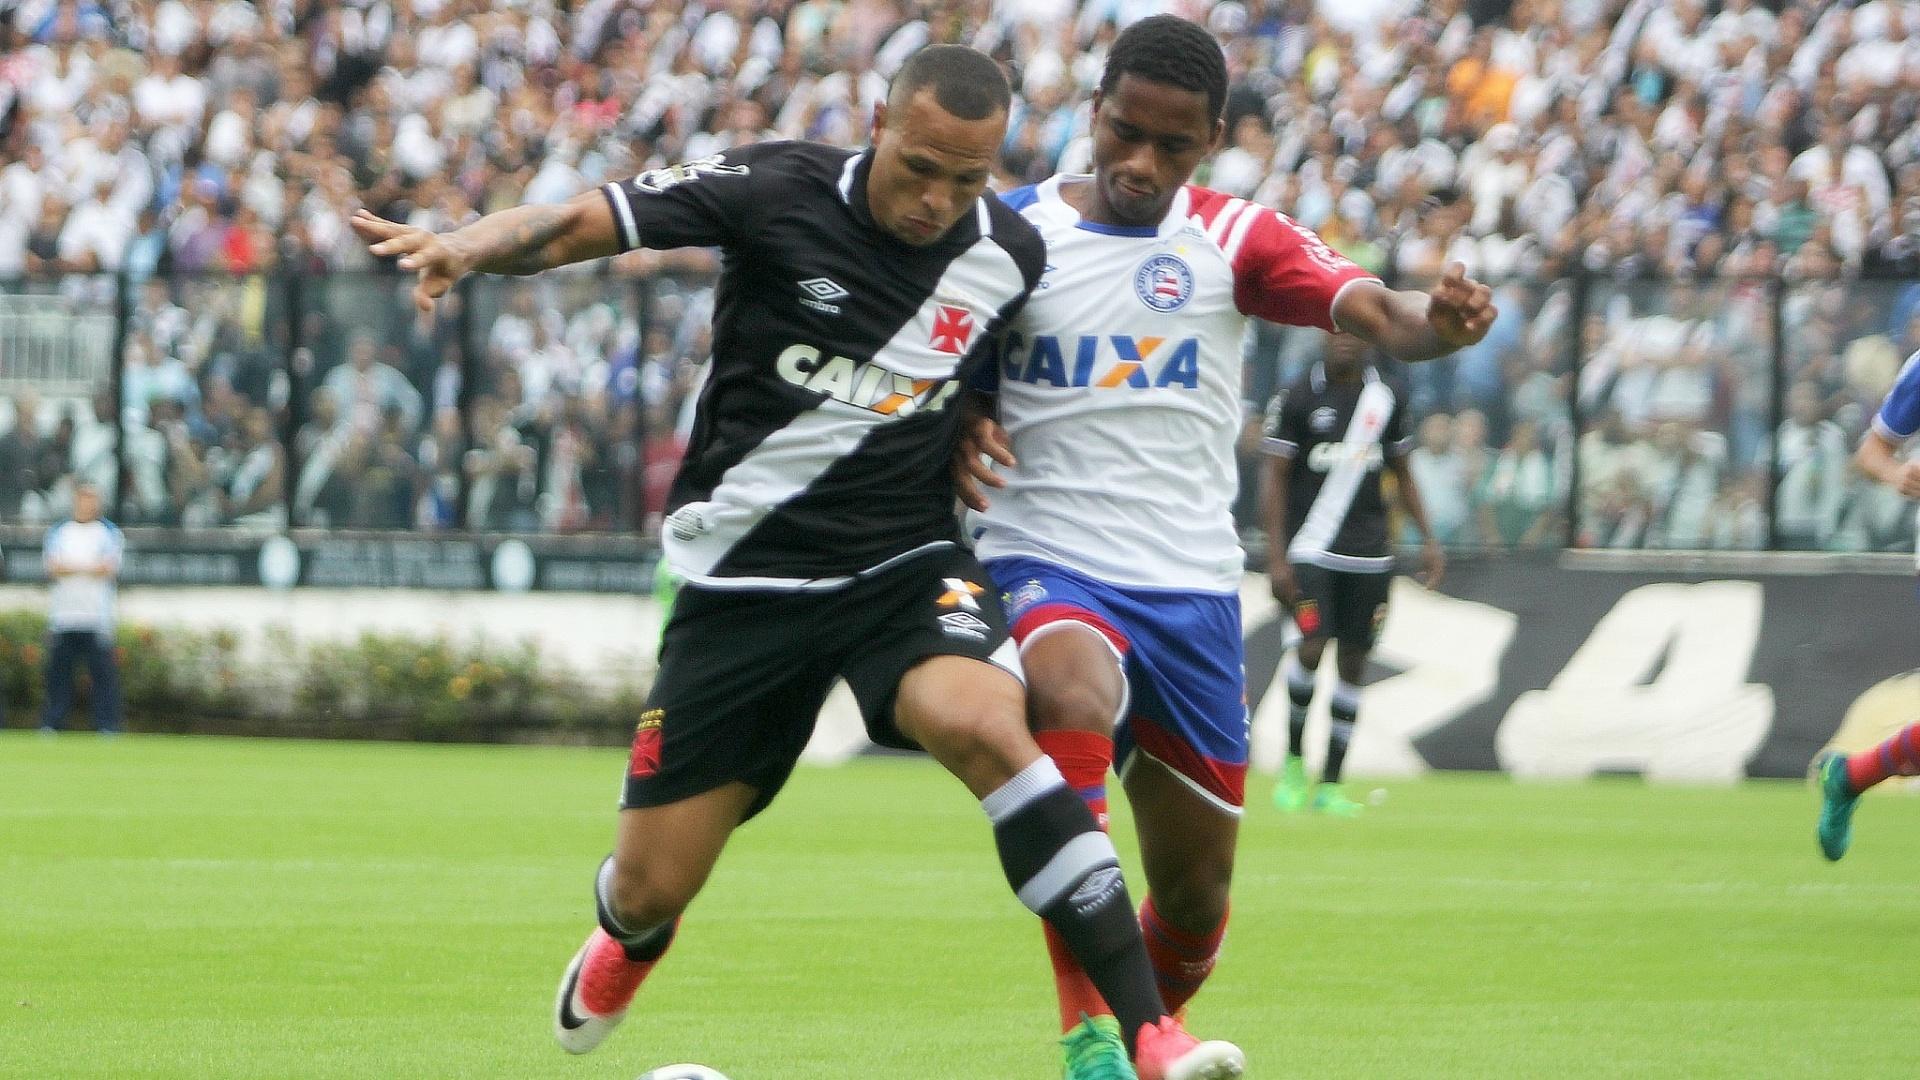 Luis Fabiano carrega a bola na partida do Vasco contra o Bahia, pelo Campeonato Brasileiro